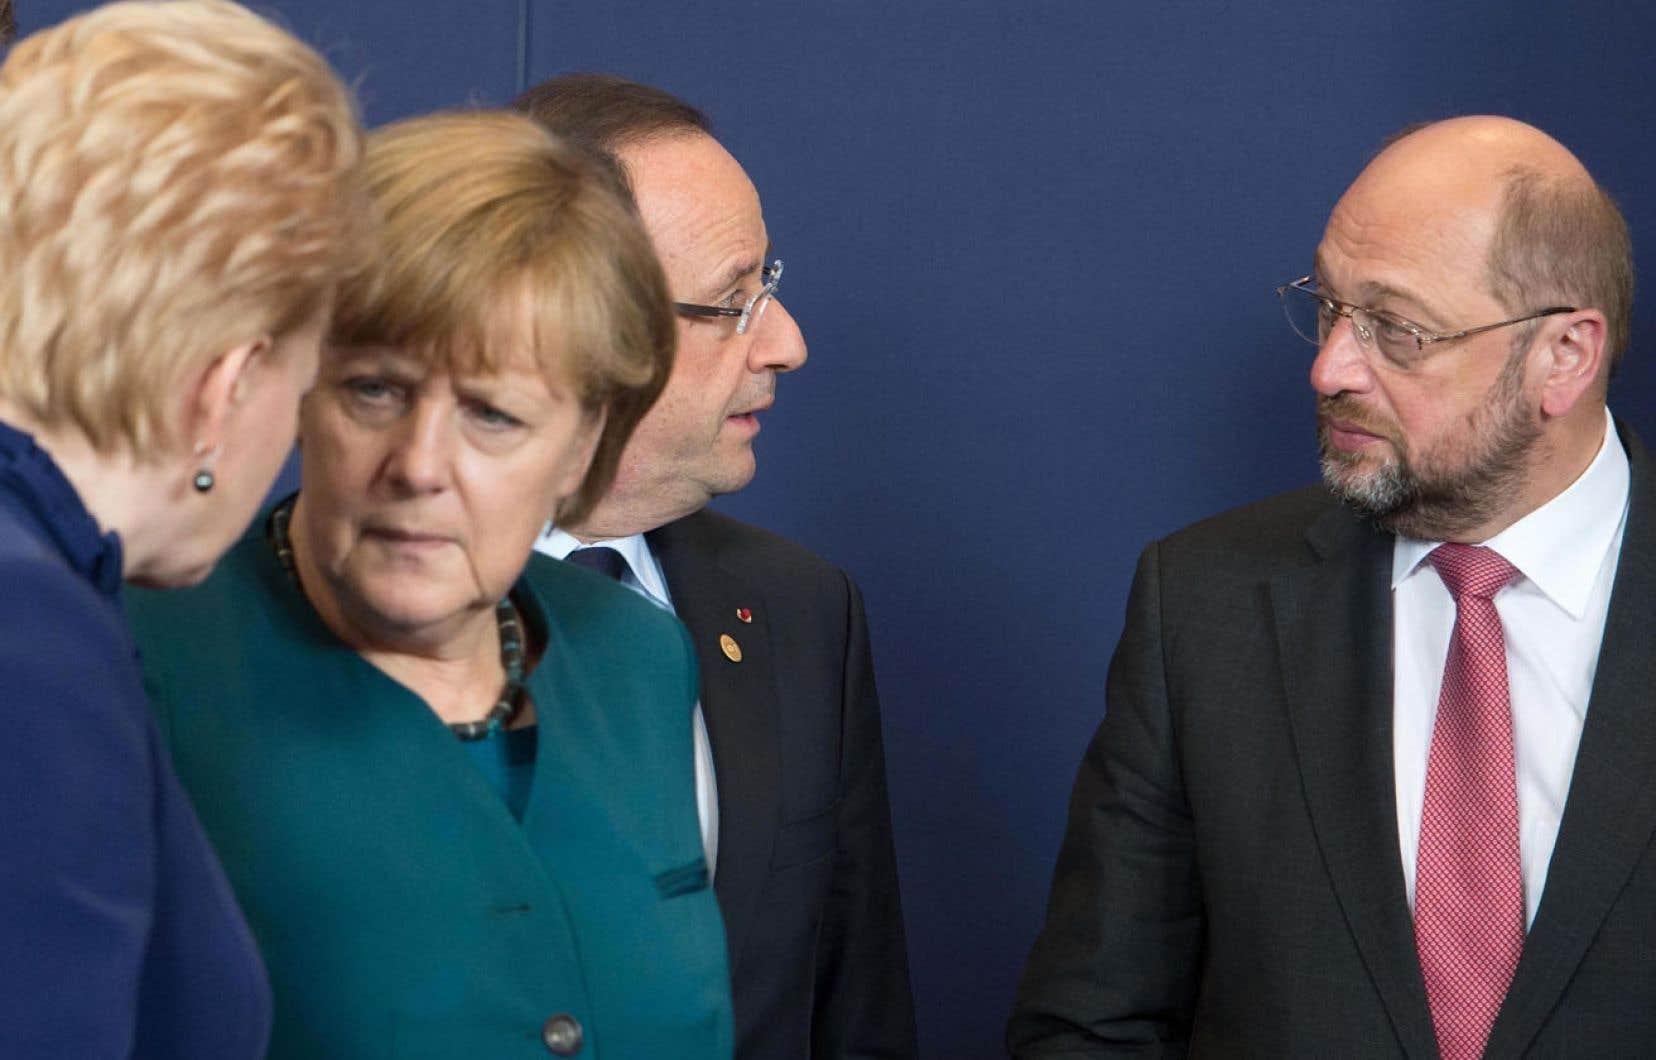 La présidente de la Lithuanie, Dalia Grybauskaite, la chancelière allemande, Angela Merkel, le président français, François Hollande, et le président du Parlement européen, Martin Schultz, discutant avant la prise de photo officielle au terme du sommet européen.